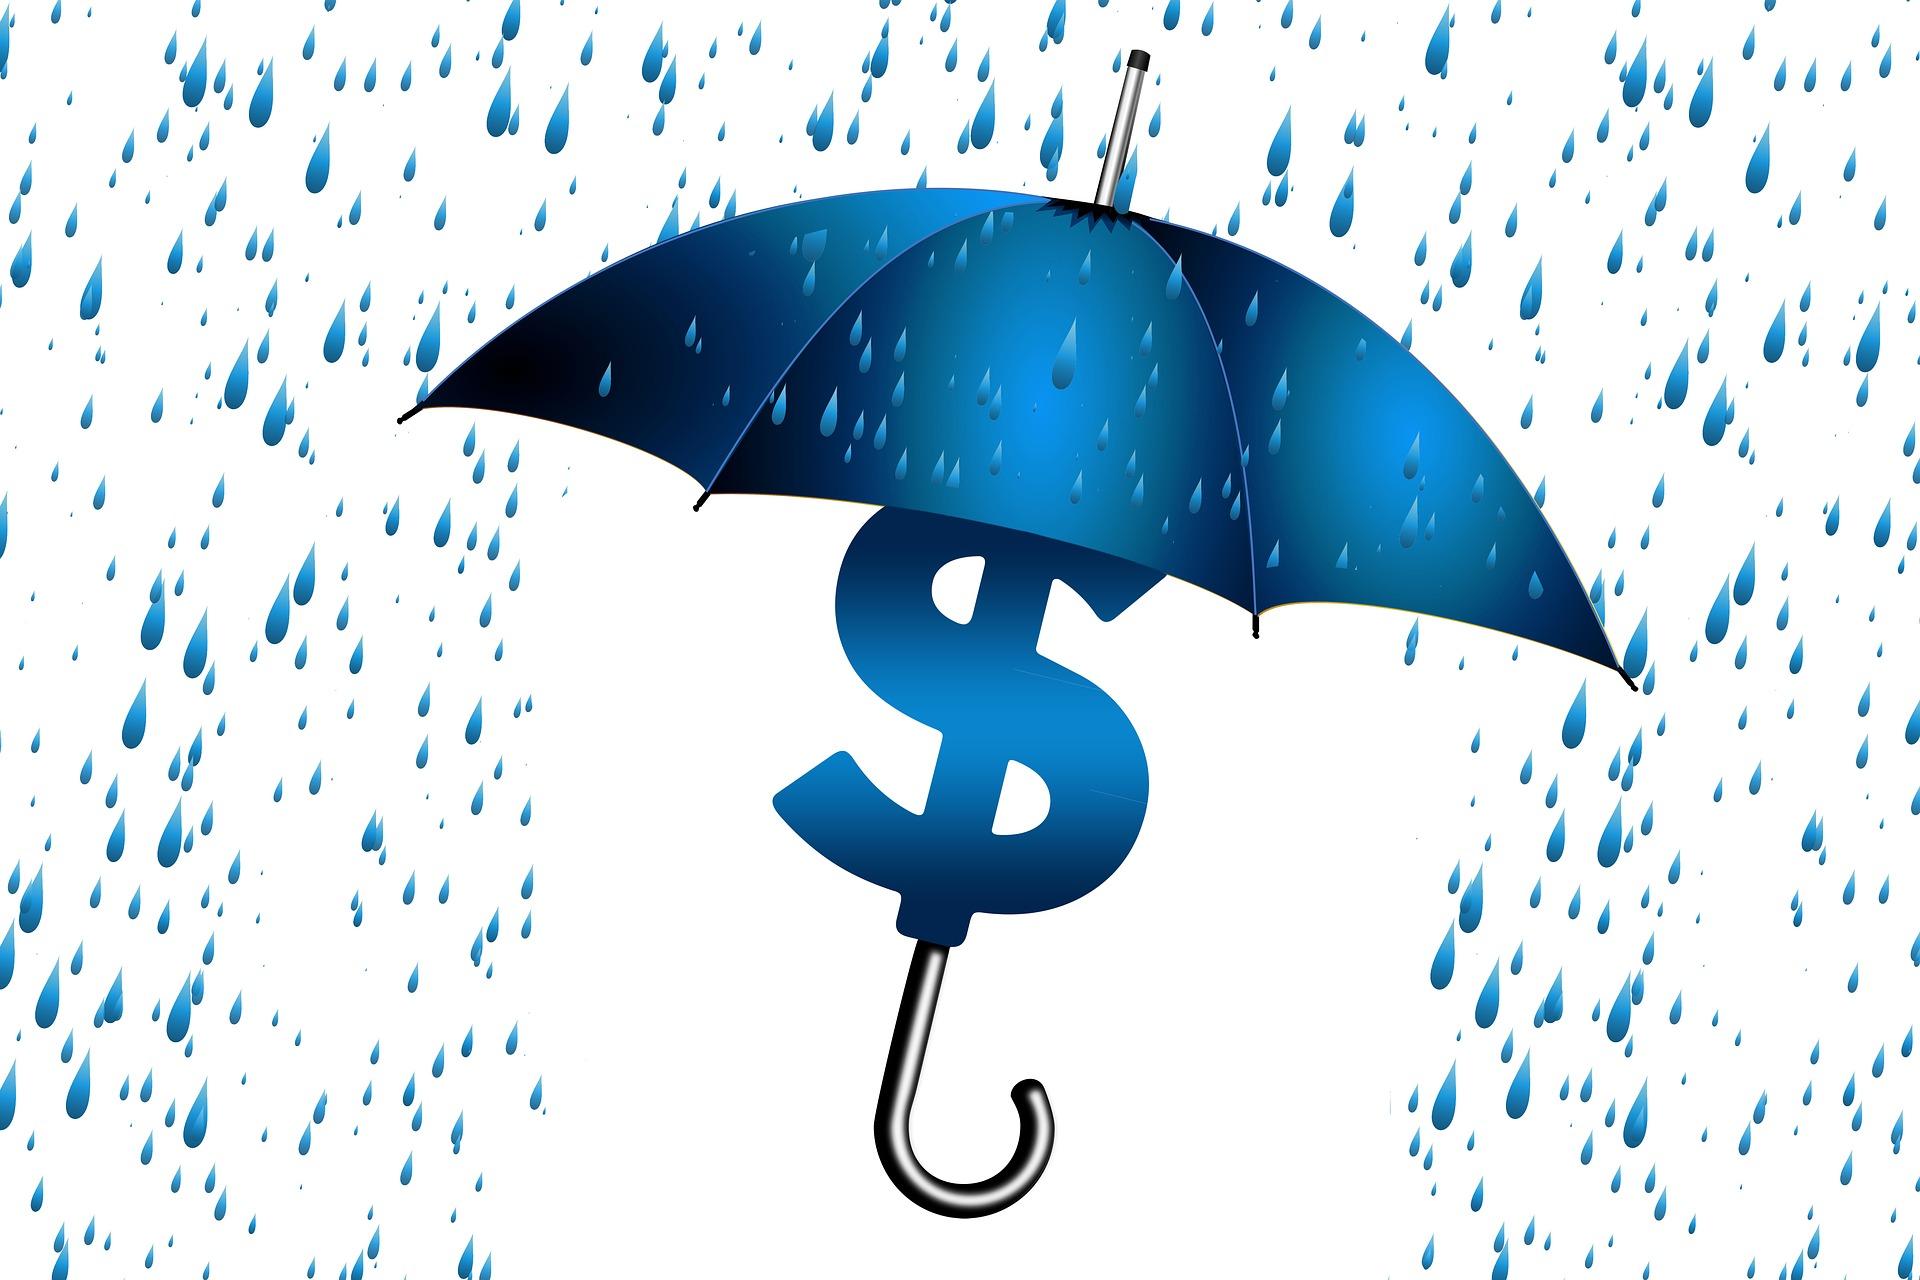 Welchen Einfluss hat das Währungsrisiko auf die Rendite von Aktien ETFs?